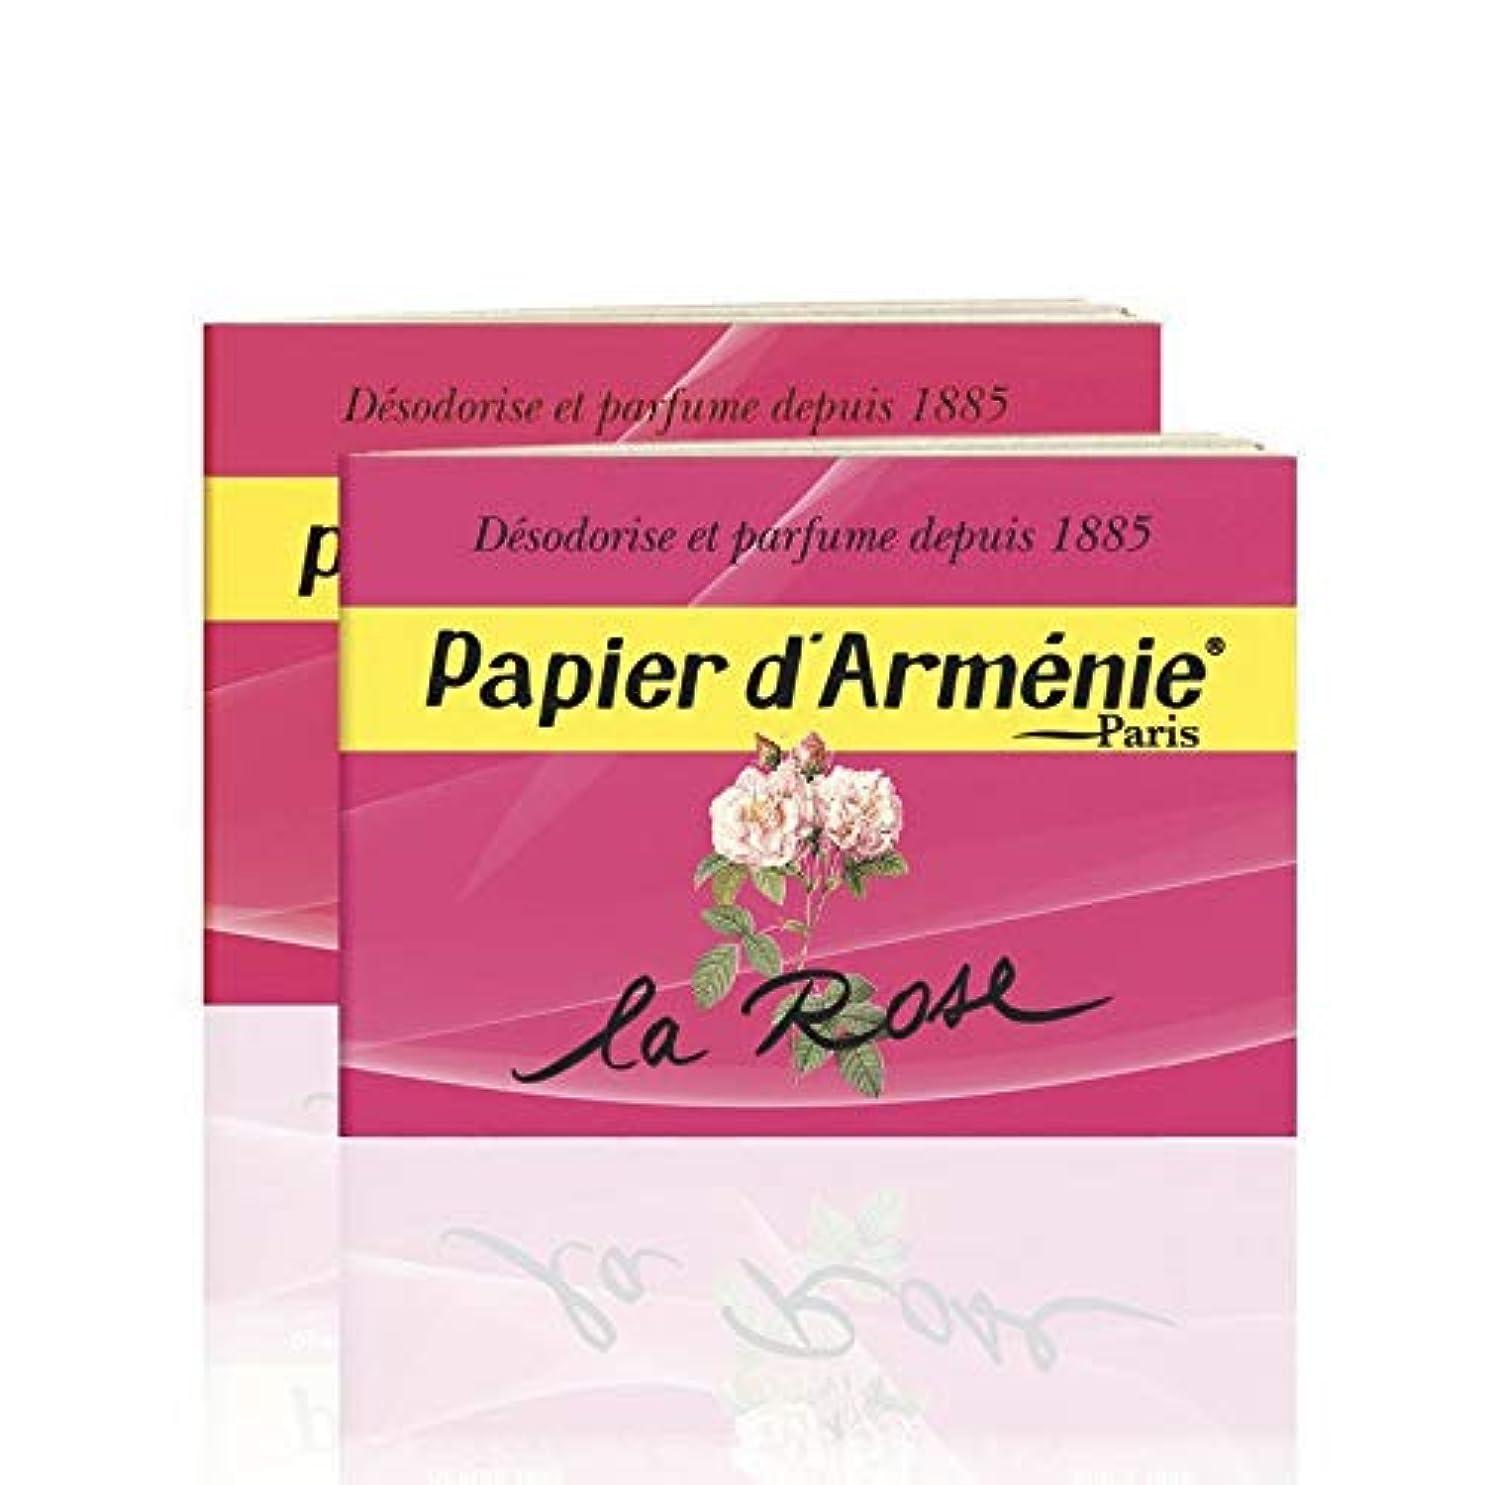 自体野球霧深いパピエダルメニィ ローズ Papier d'Armenie La Rose (3)